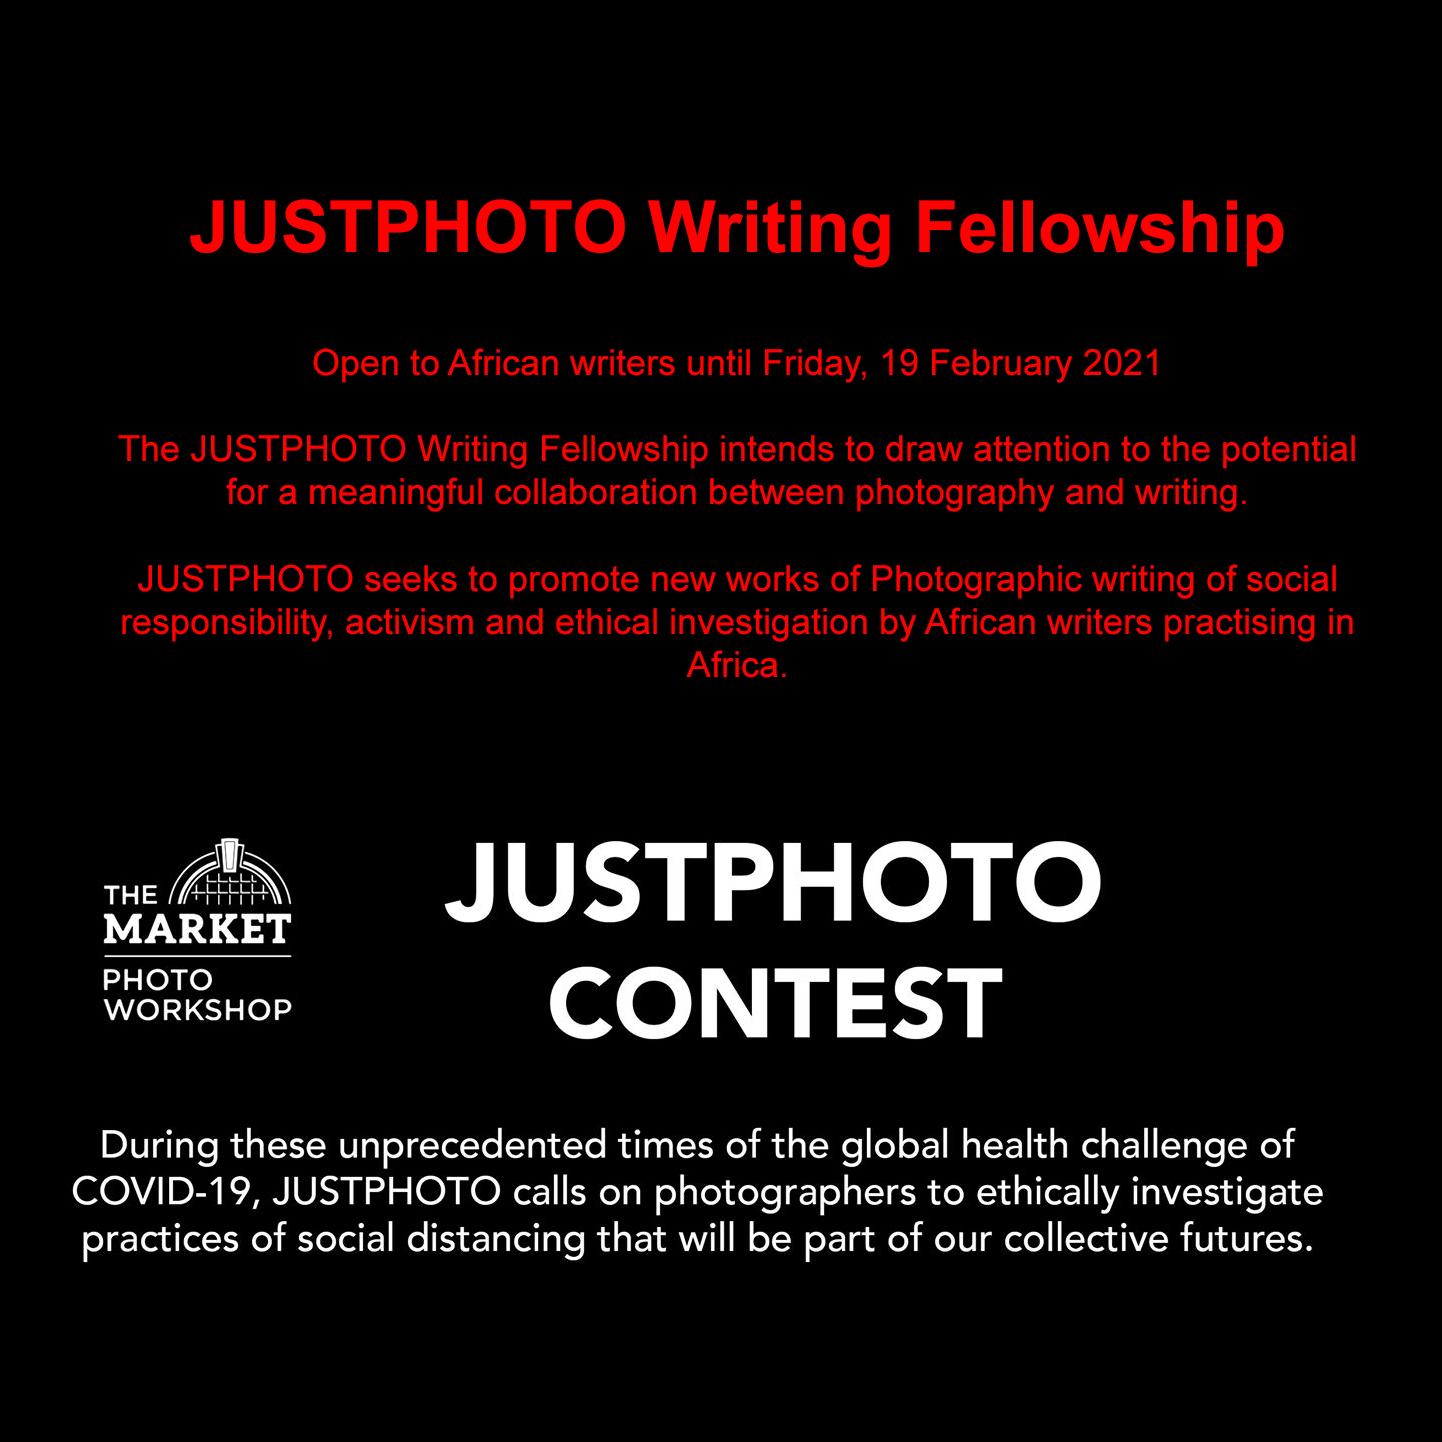 justphoto-2021